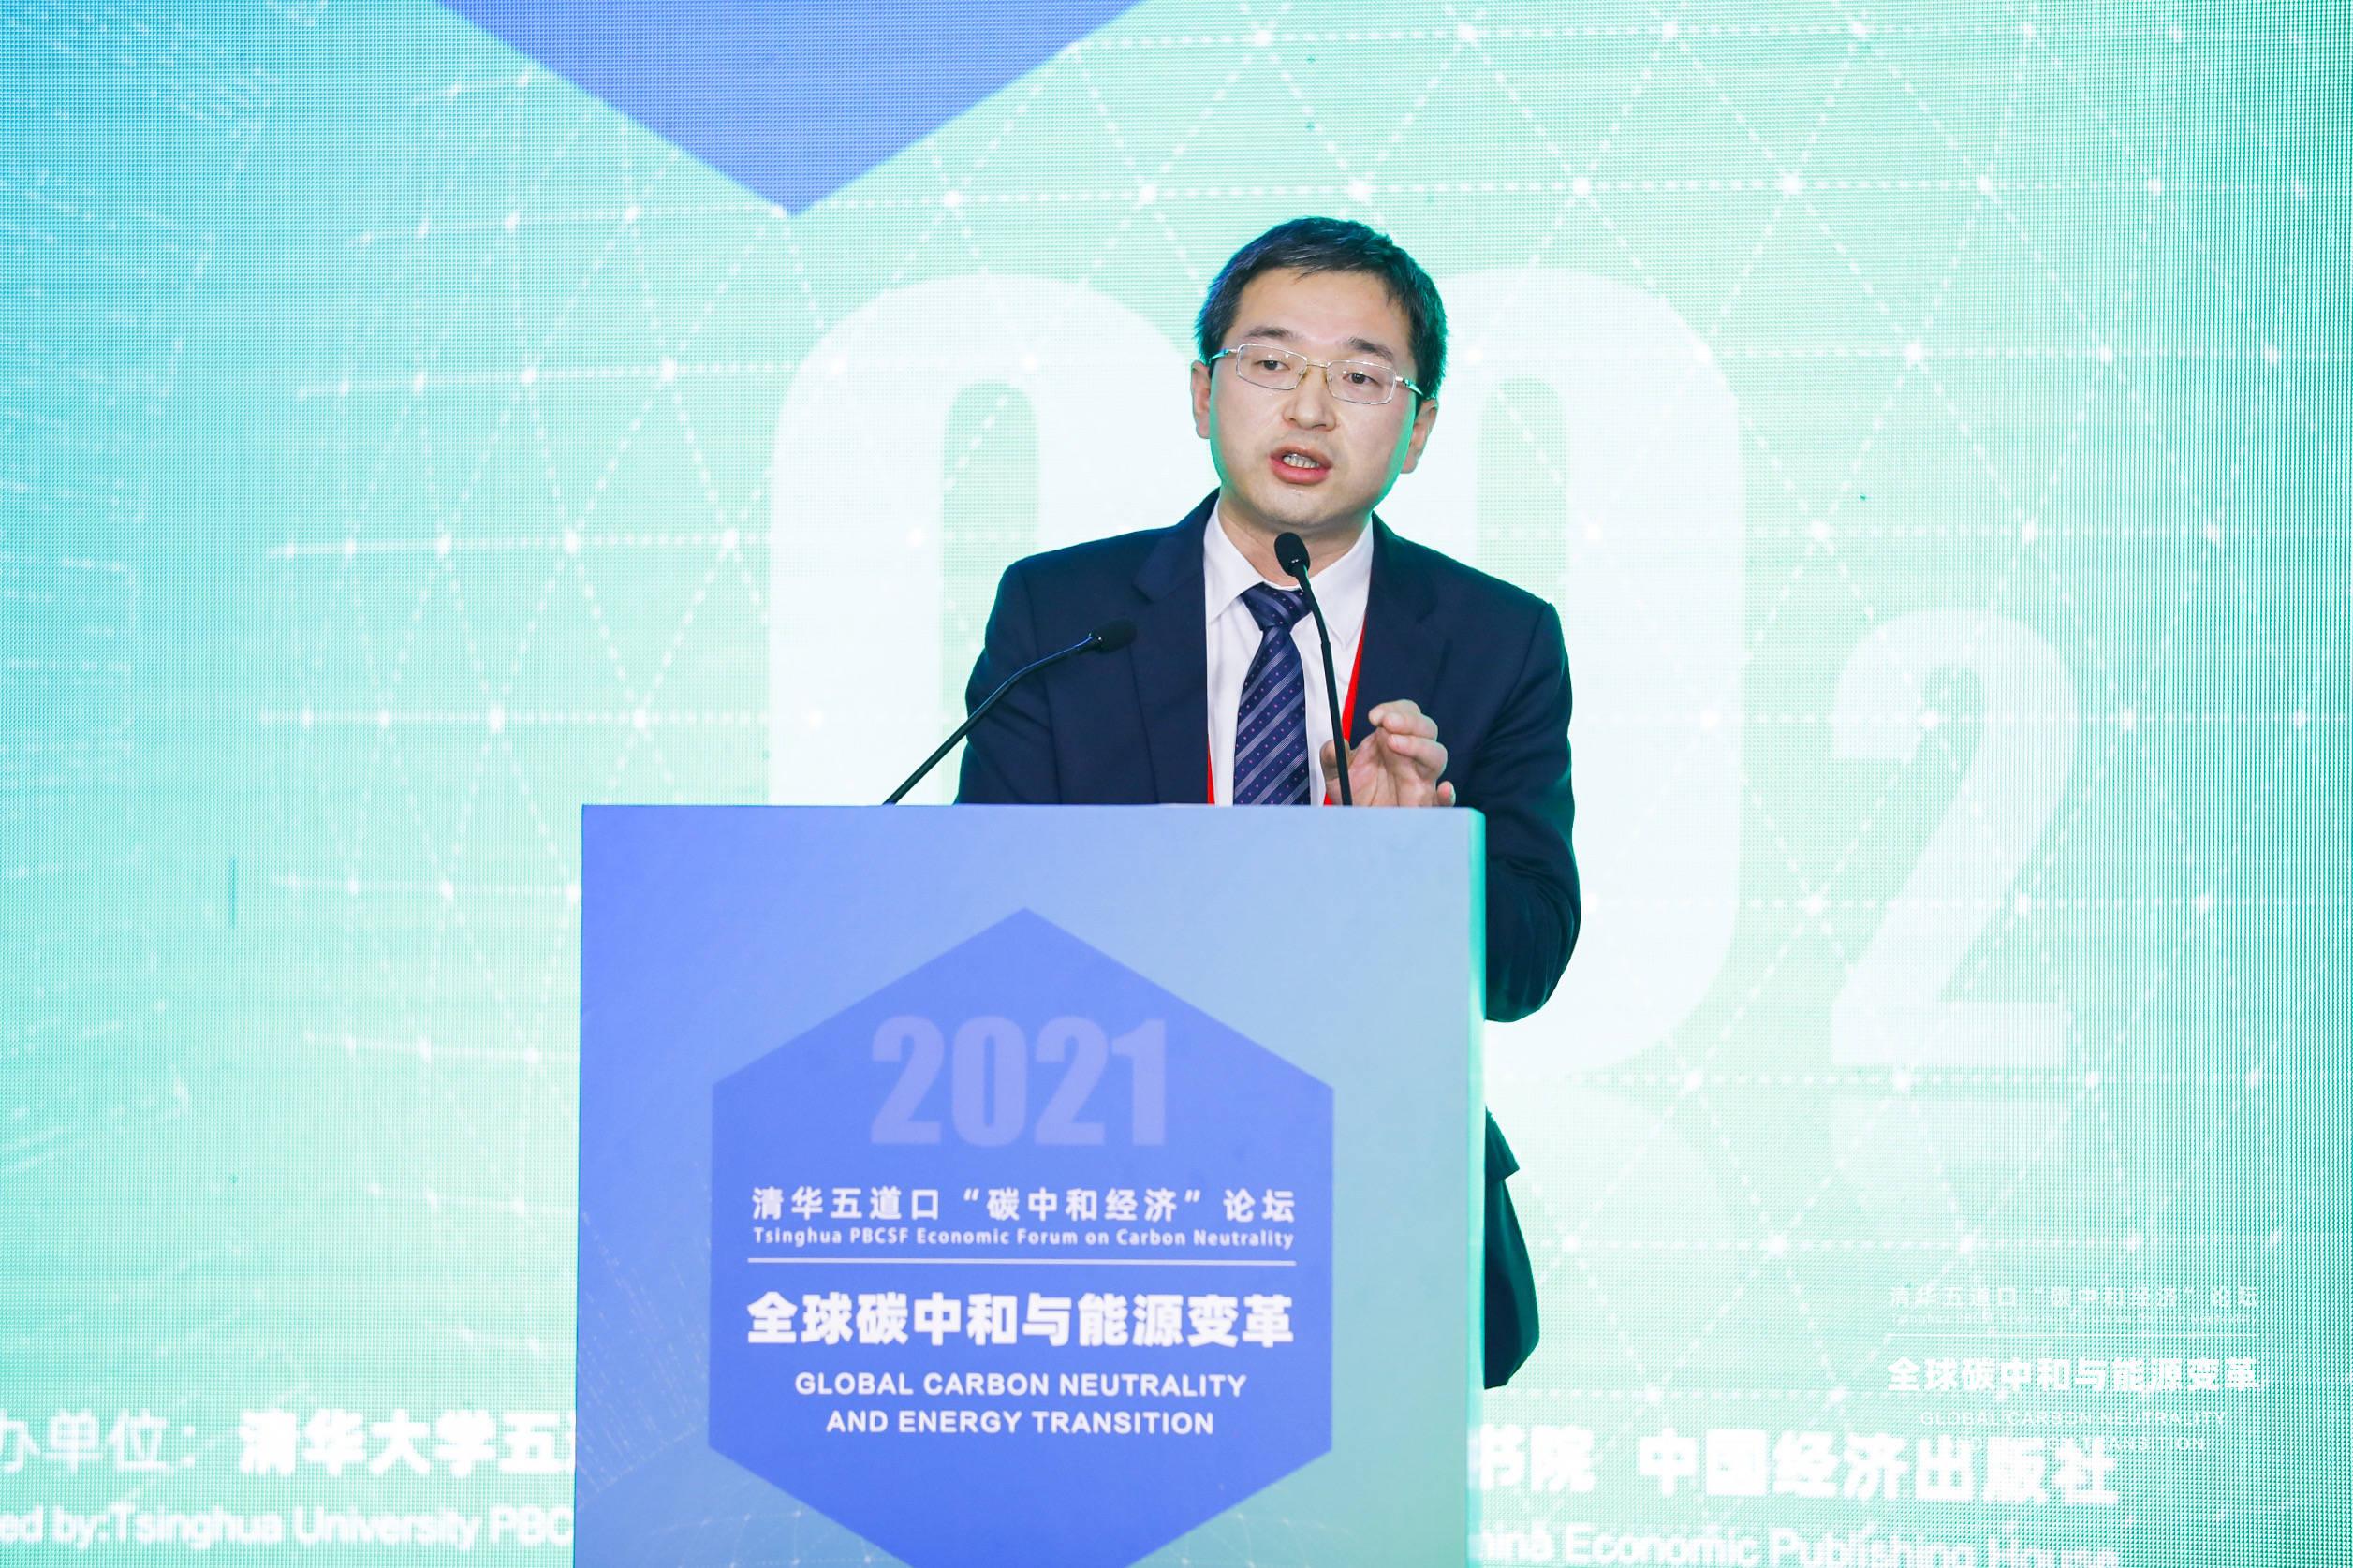 隆基集团董事长_隆基新能源董事长唐旭辉:中国光伏制造占全球80%以上,是最具竞争...